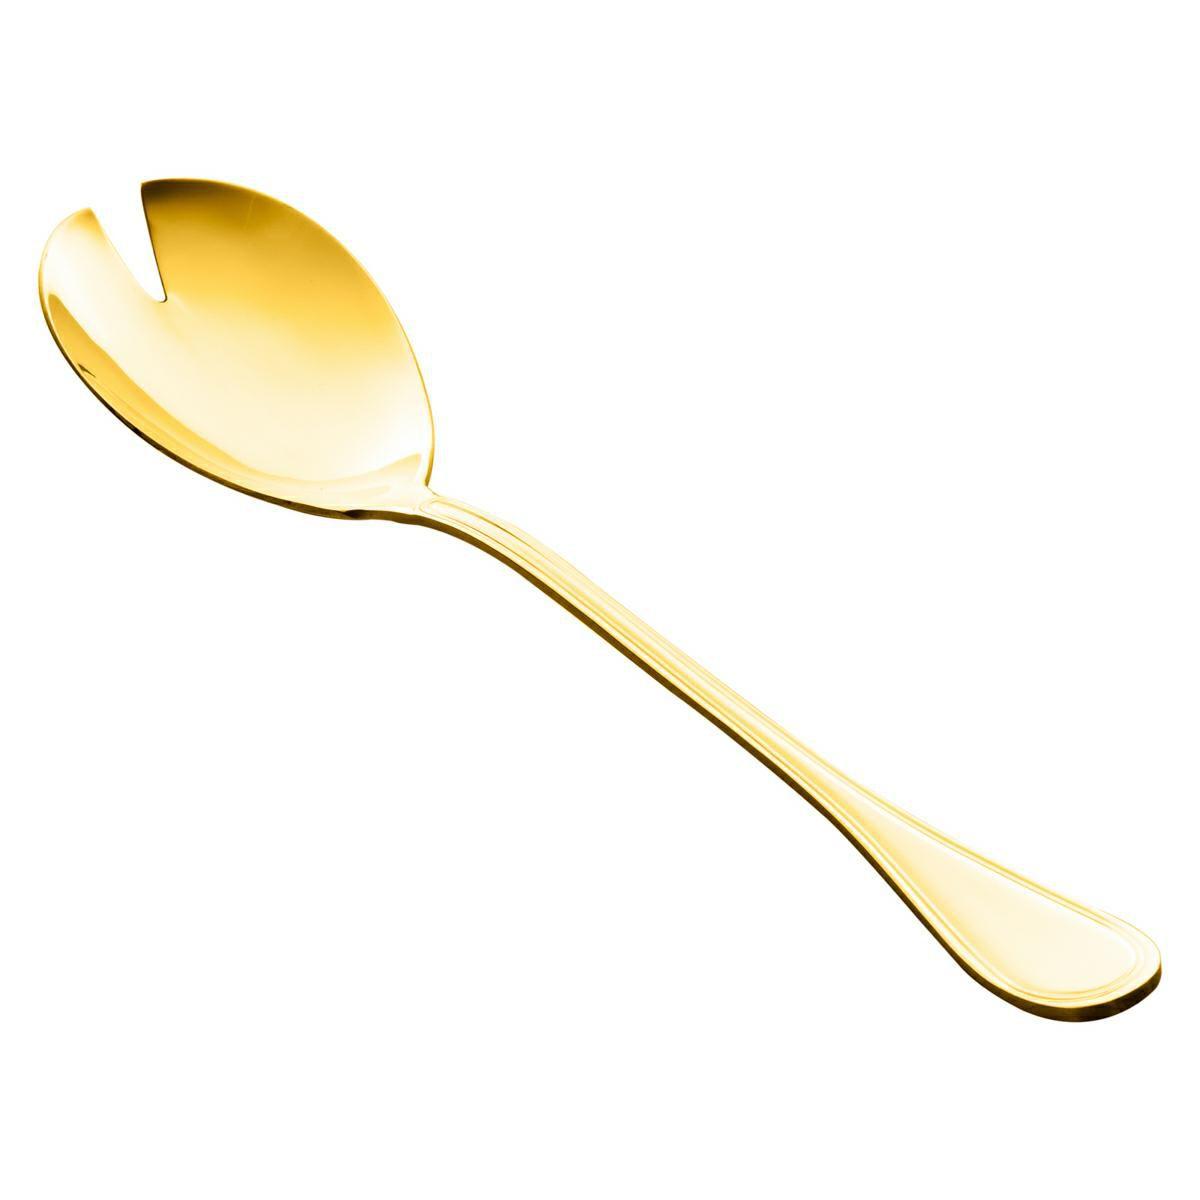 Garfo para salada de aço inox PVD dourado Avalon Wolff - 71213